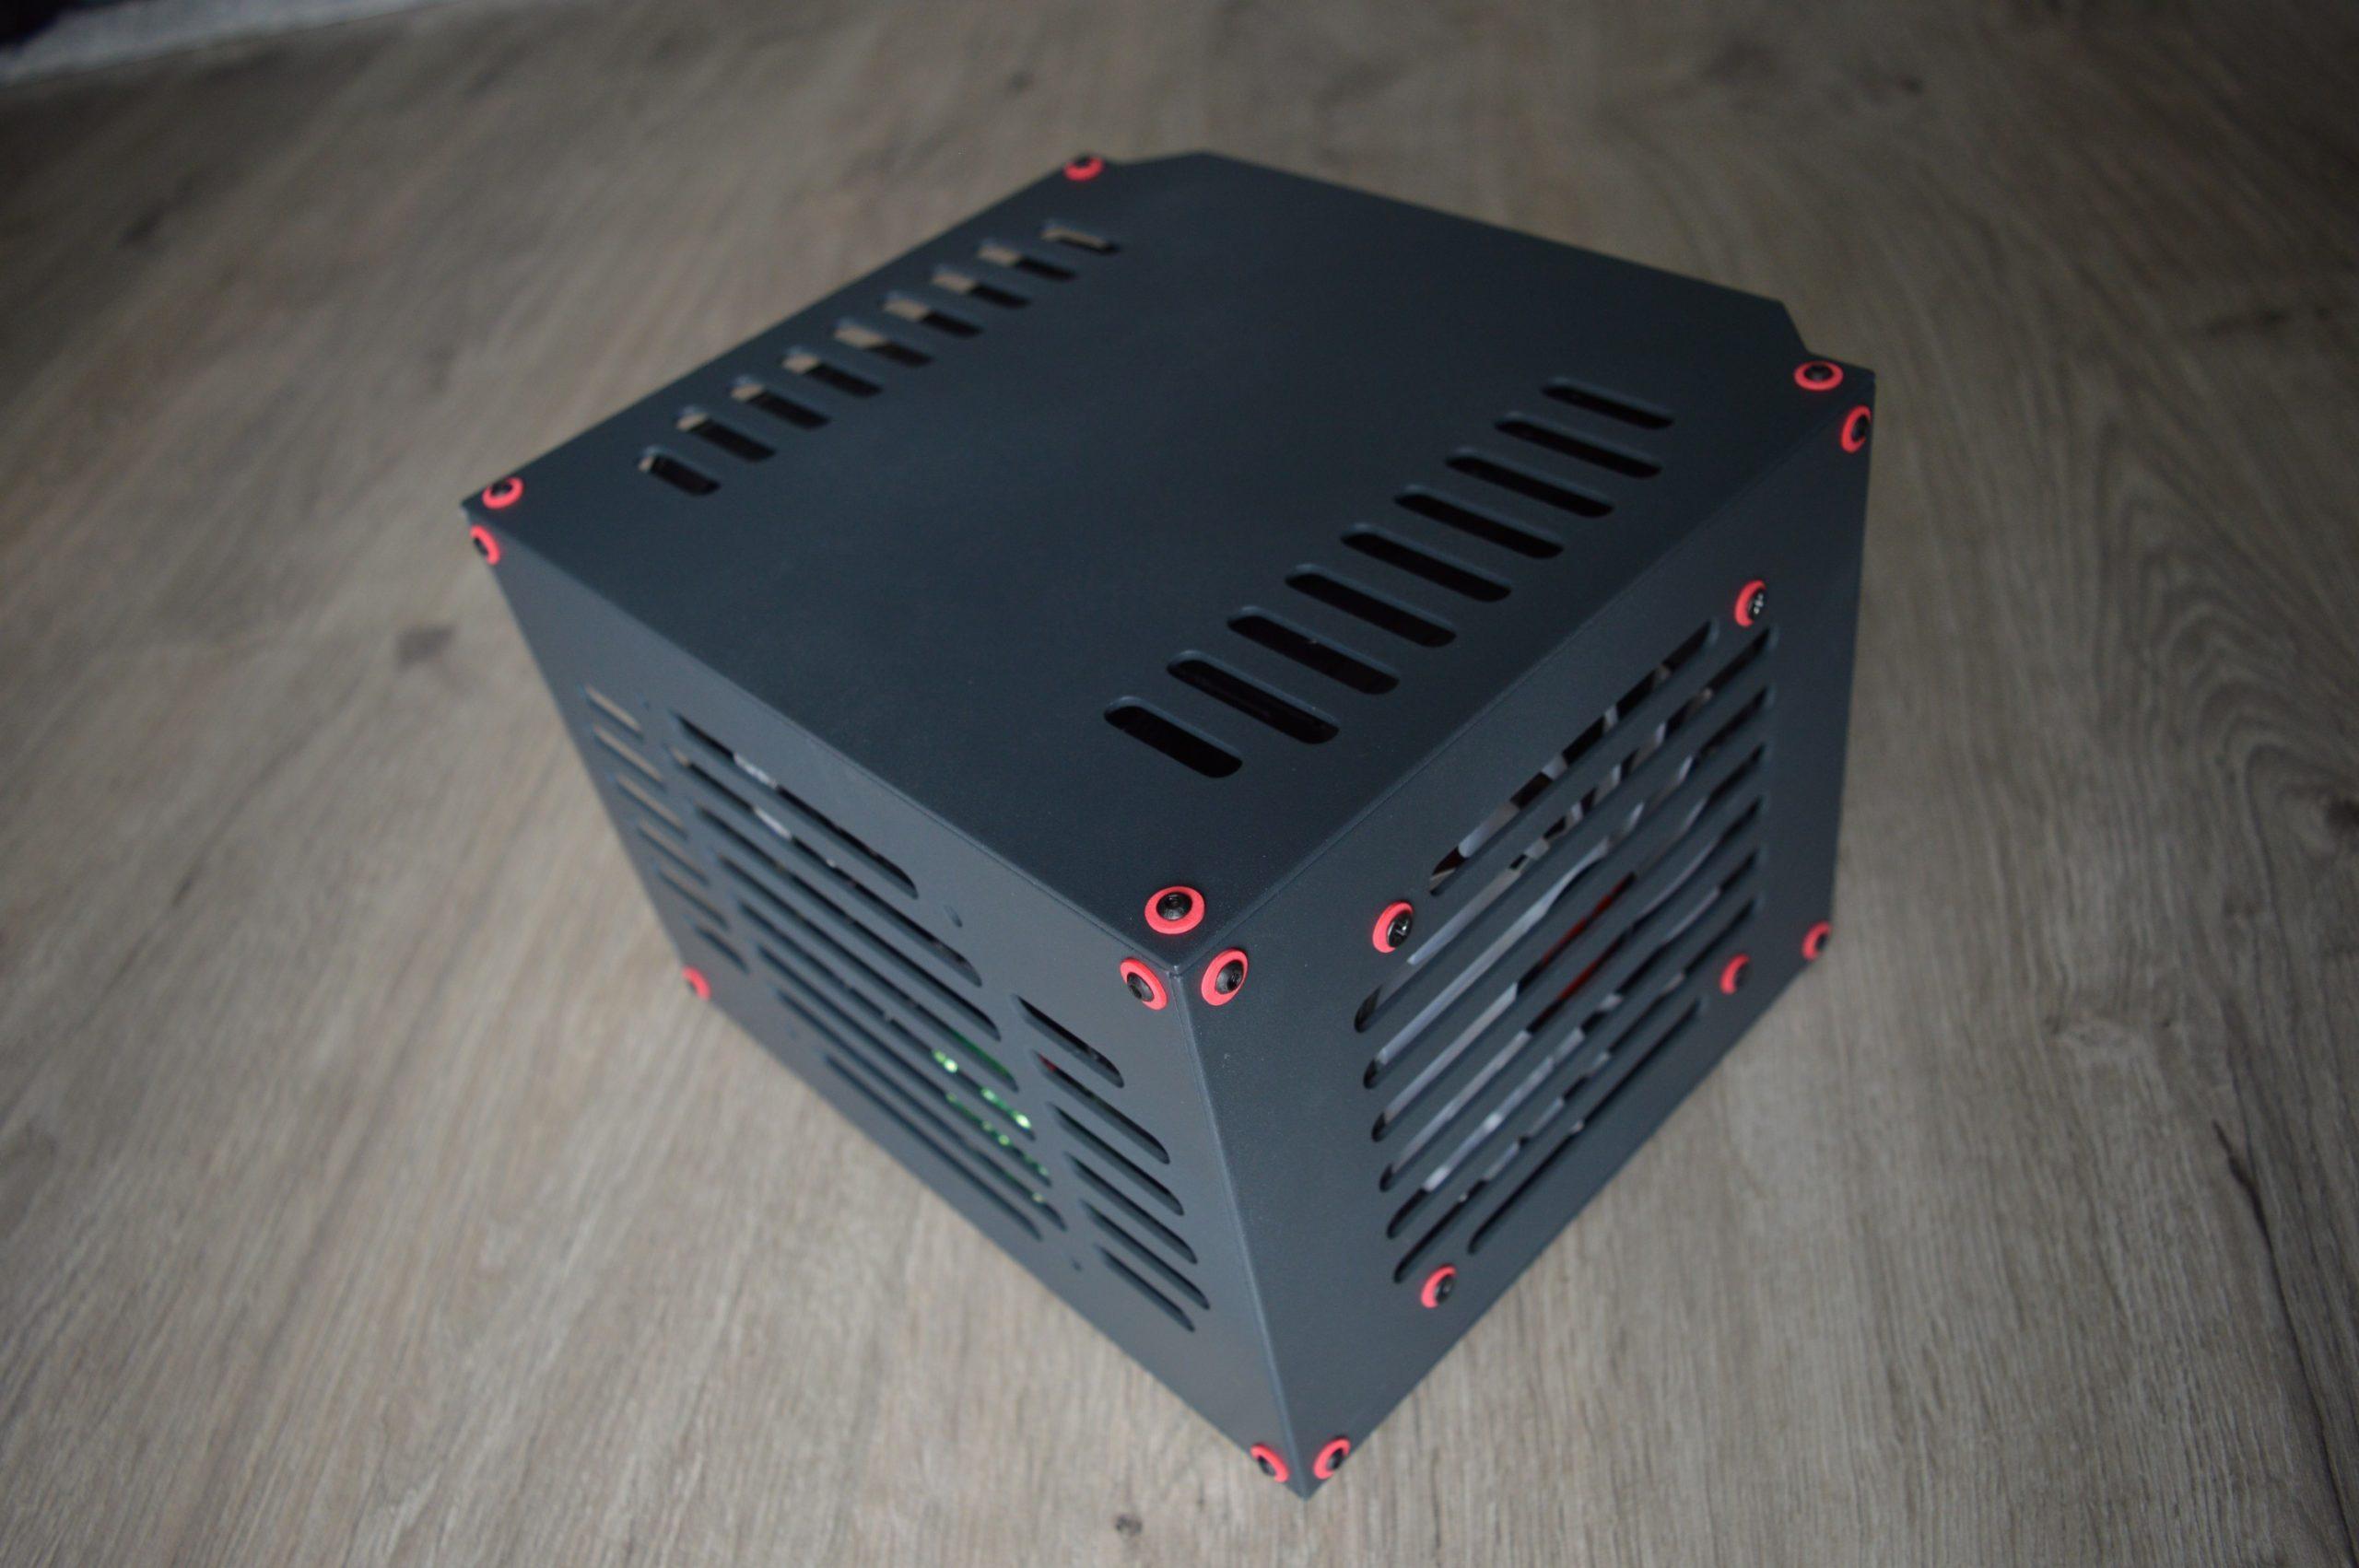 GTX 1070 RGB 10